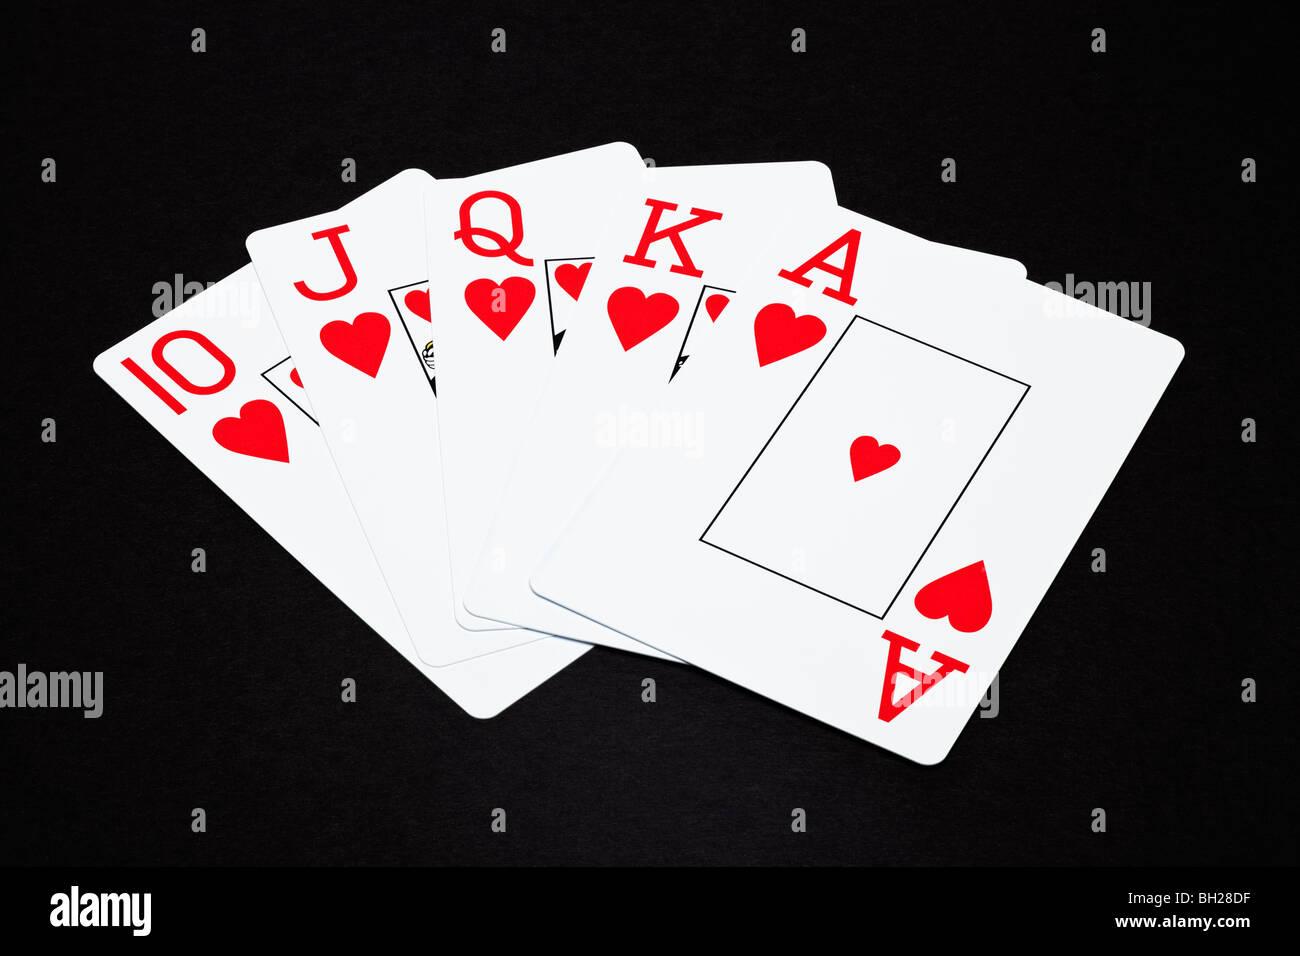 Jeu de cartes montrant une main de poker Royal Flush Photo Stock